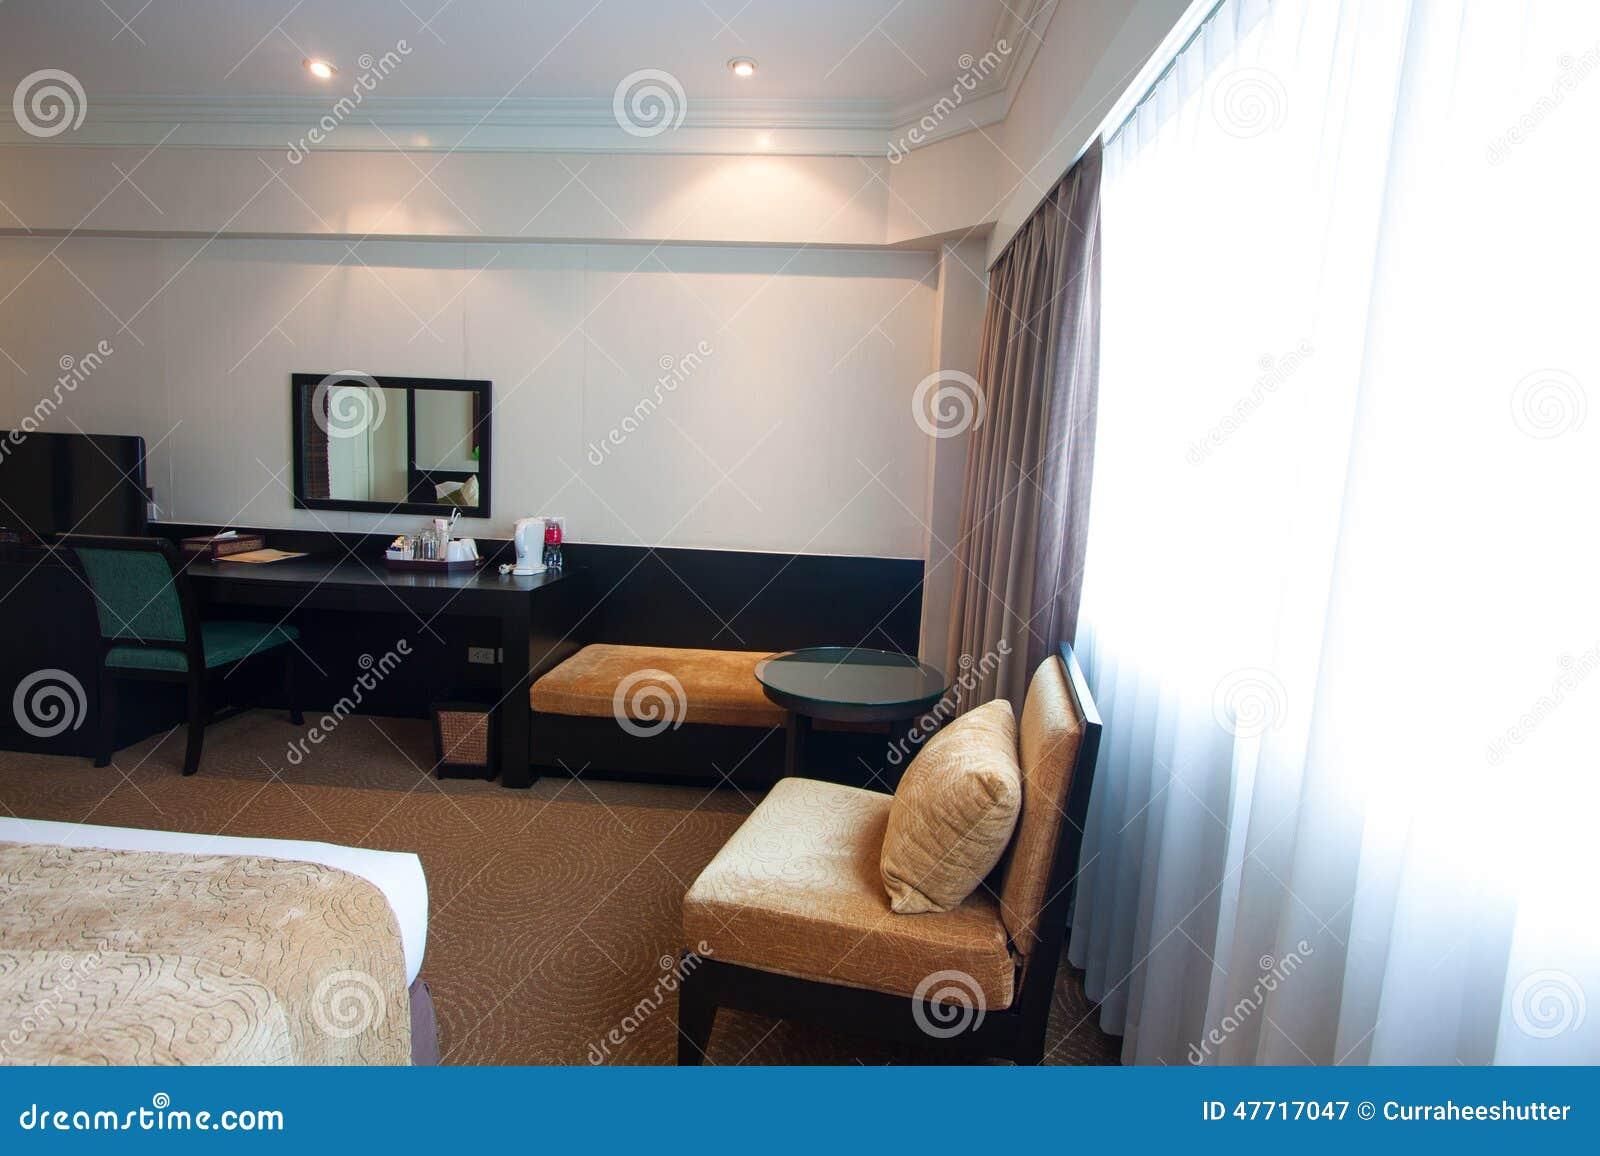 De moderne woonkamer van de luxe moderne stijl in het hotel